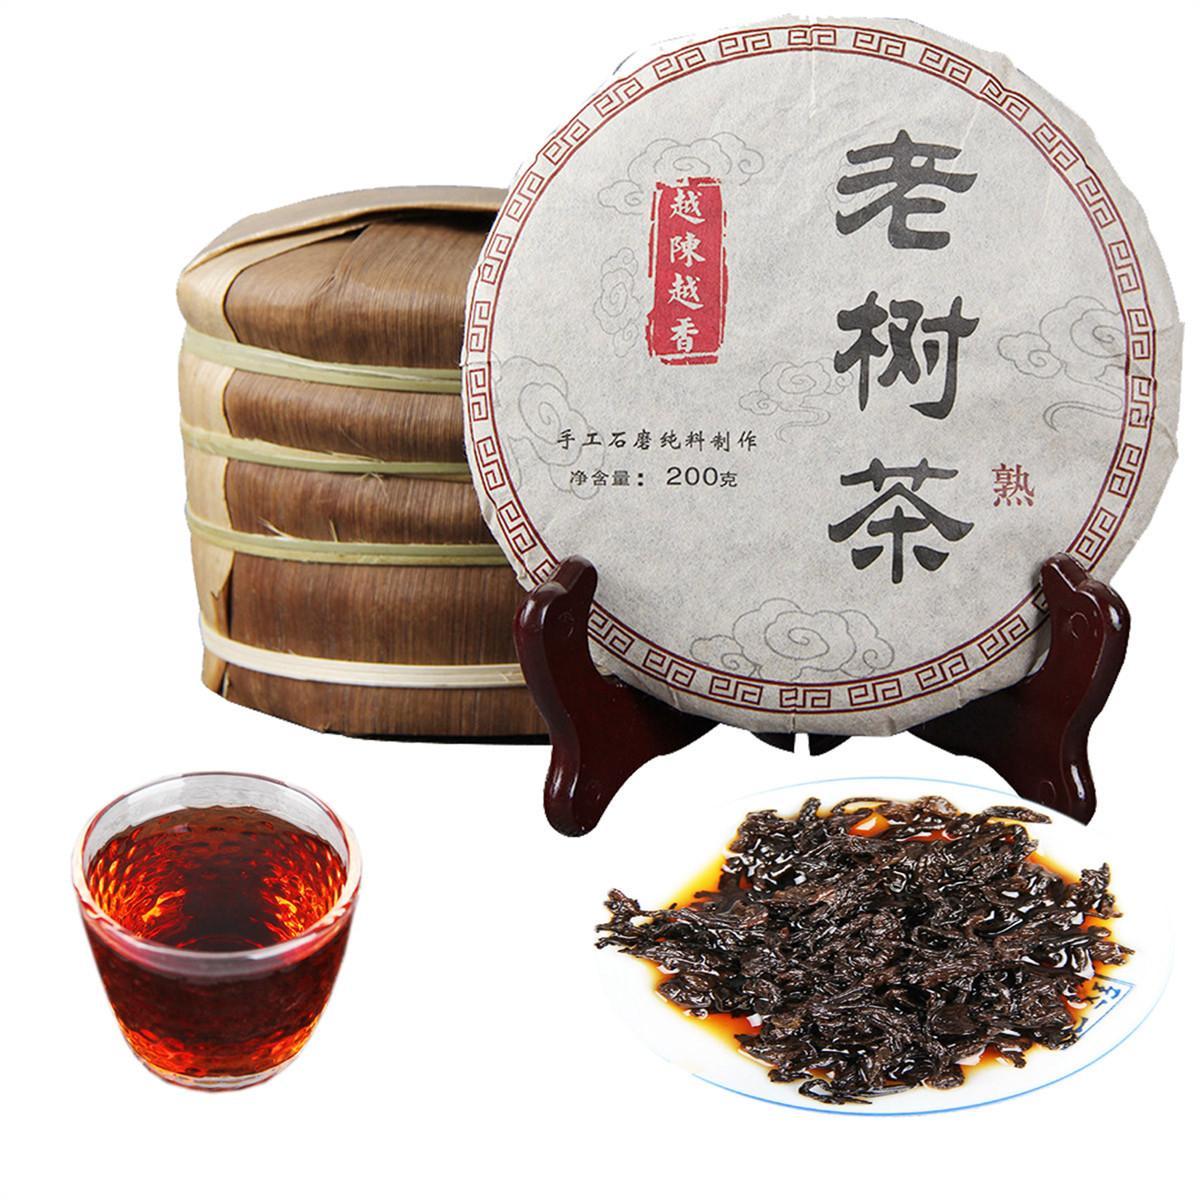 Tercih edilmekte 200g Olgun Puer Çay Kek Yunnan Antik Ağacı kokulu Puer Çay Organik Doğal Pu'er Puer Siyah Puerh Çay Kek Pişmiş